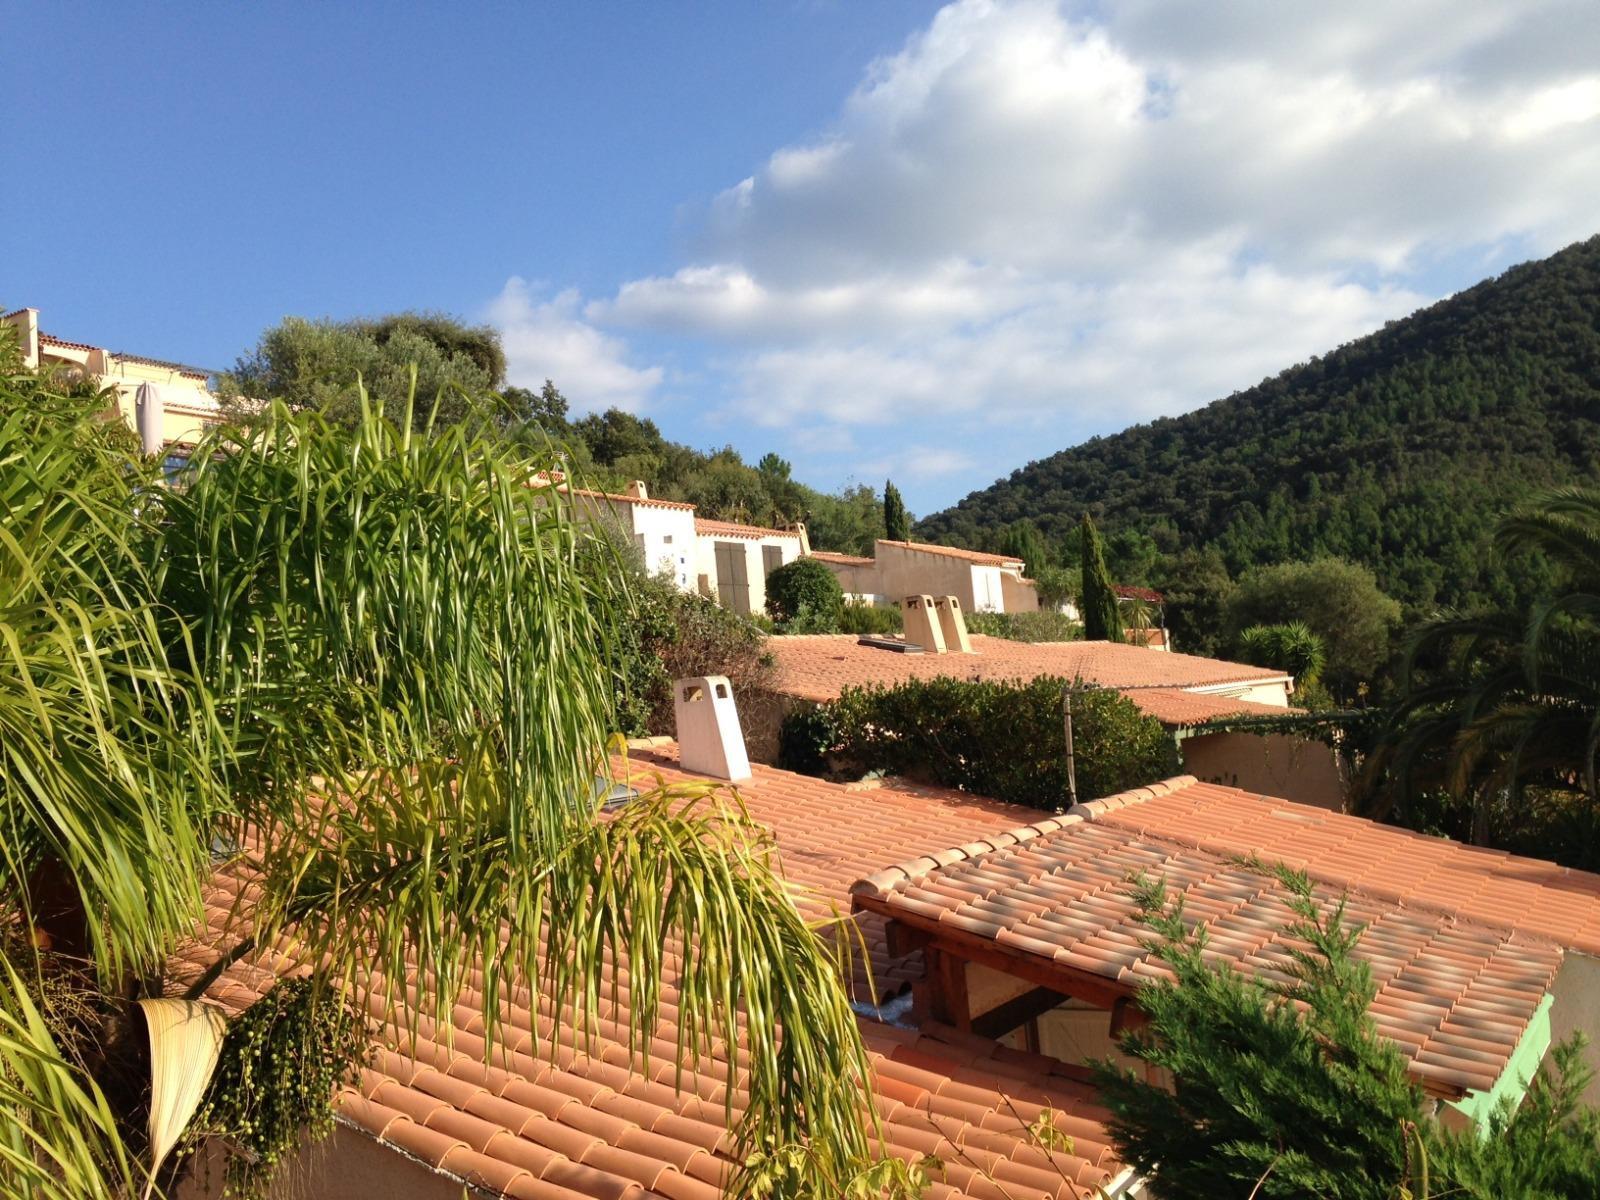 Location de vacances Maison / Villa La Londe-les-Maures (83250)